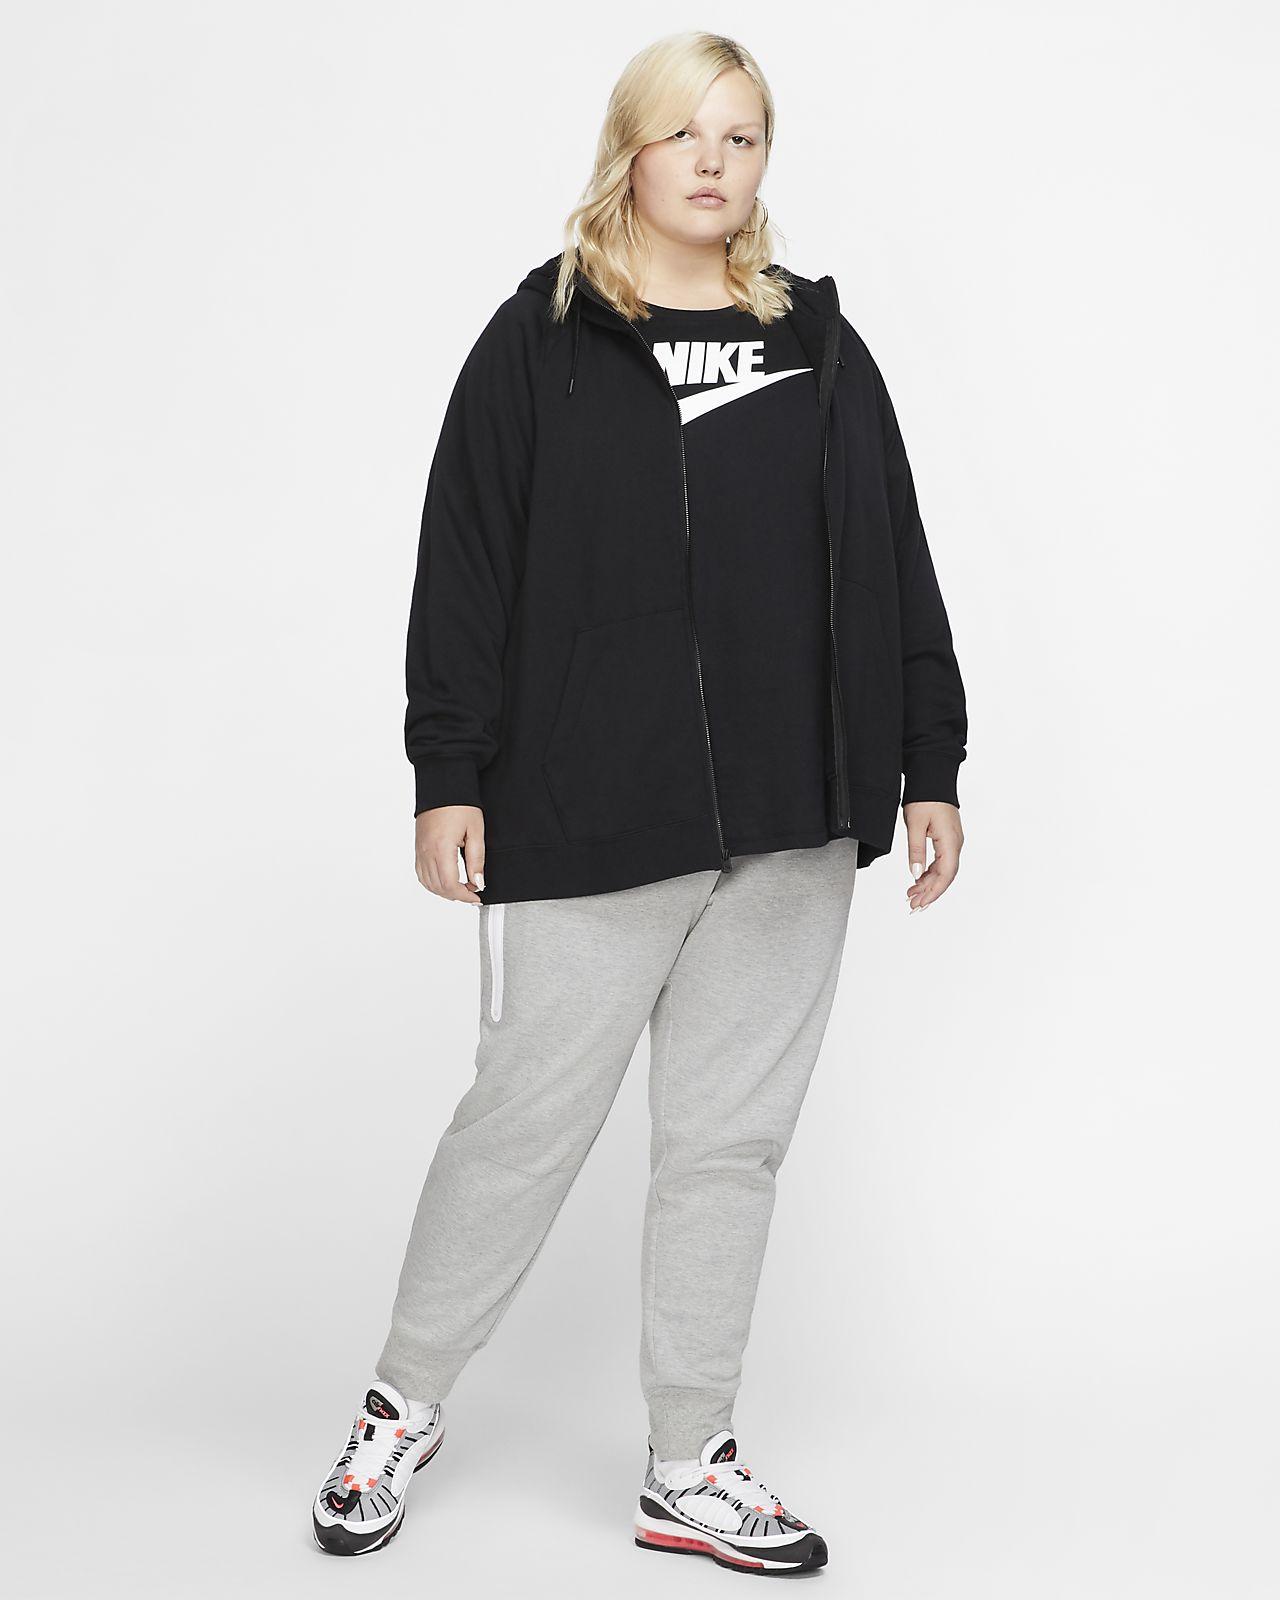 Nike Sportswear Essential Sudadera con capucha con cremallera completa (Talla grande) Mujer